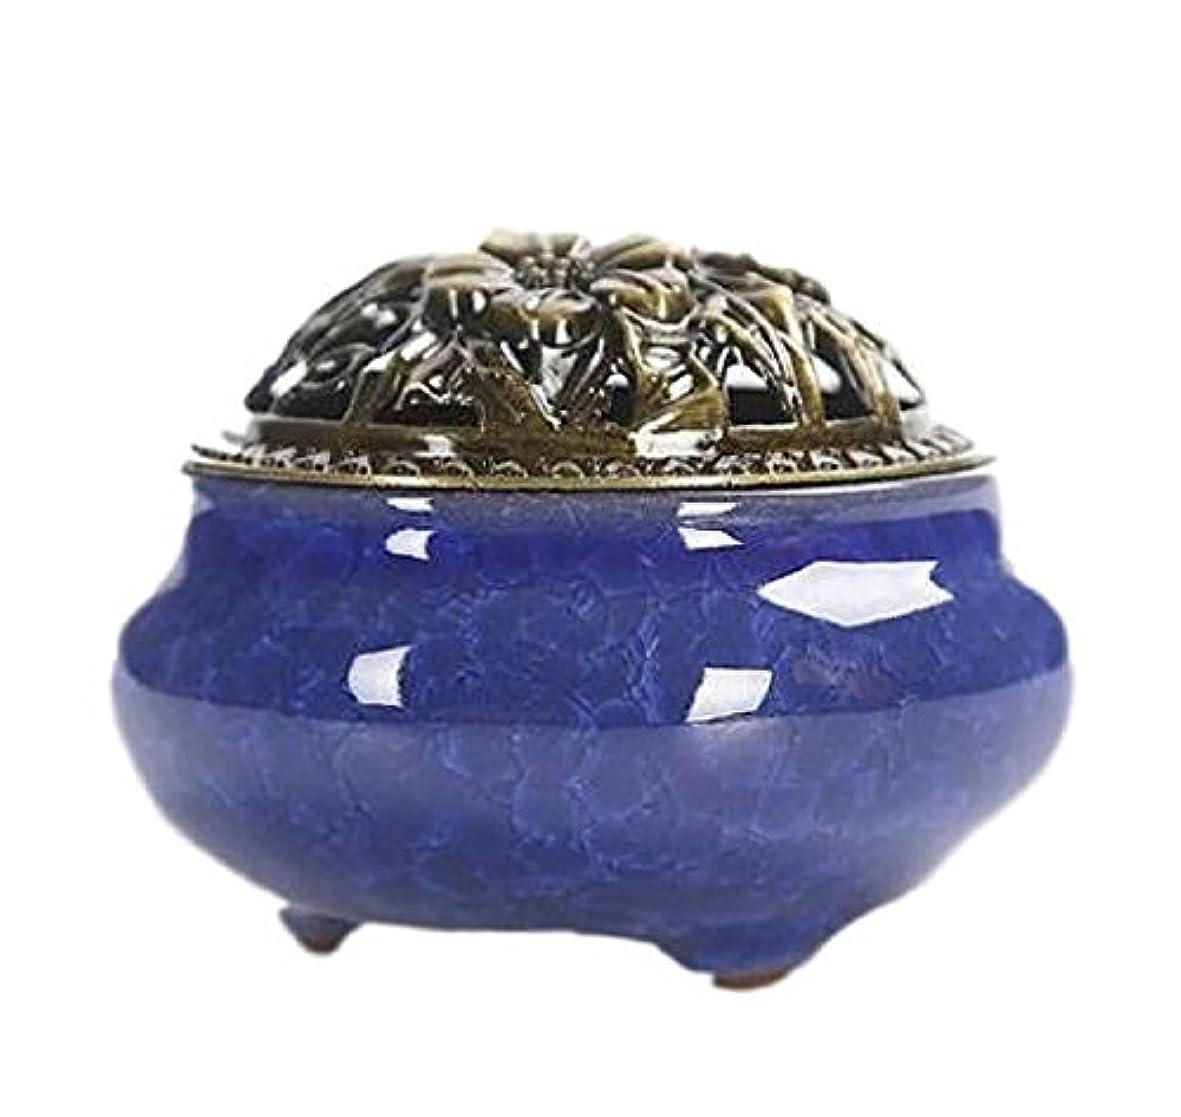 涙グラフ販売員U-Pick 香炉 お香立て セット 心を落ち着かせてくれる 色合い 陶器 サファイア色